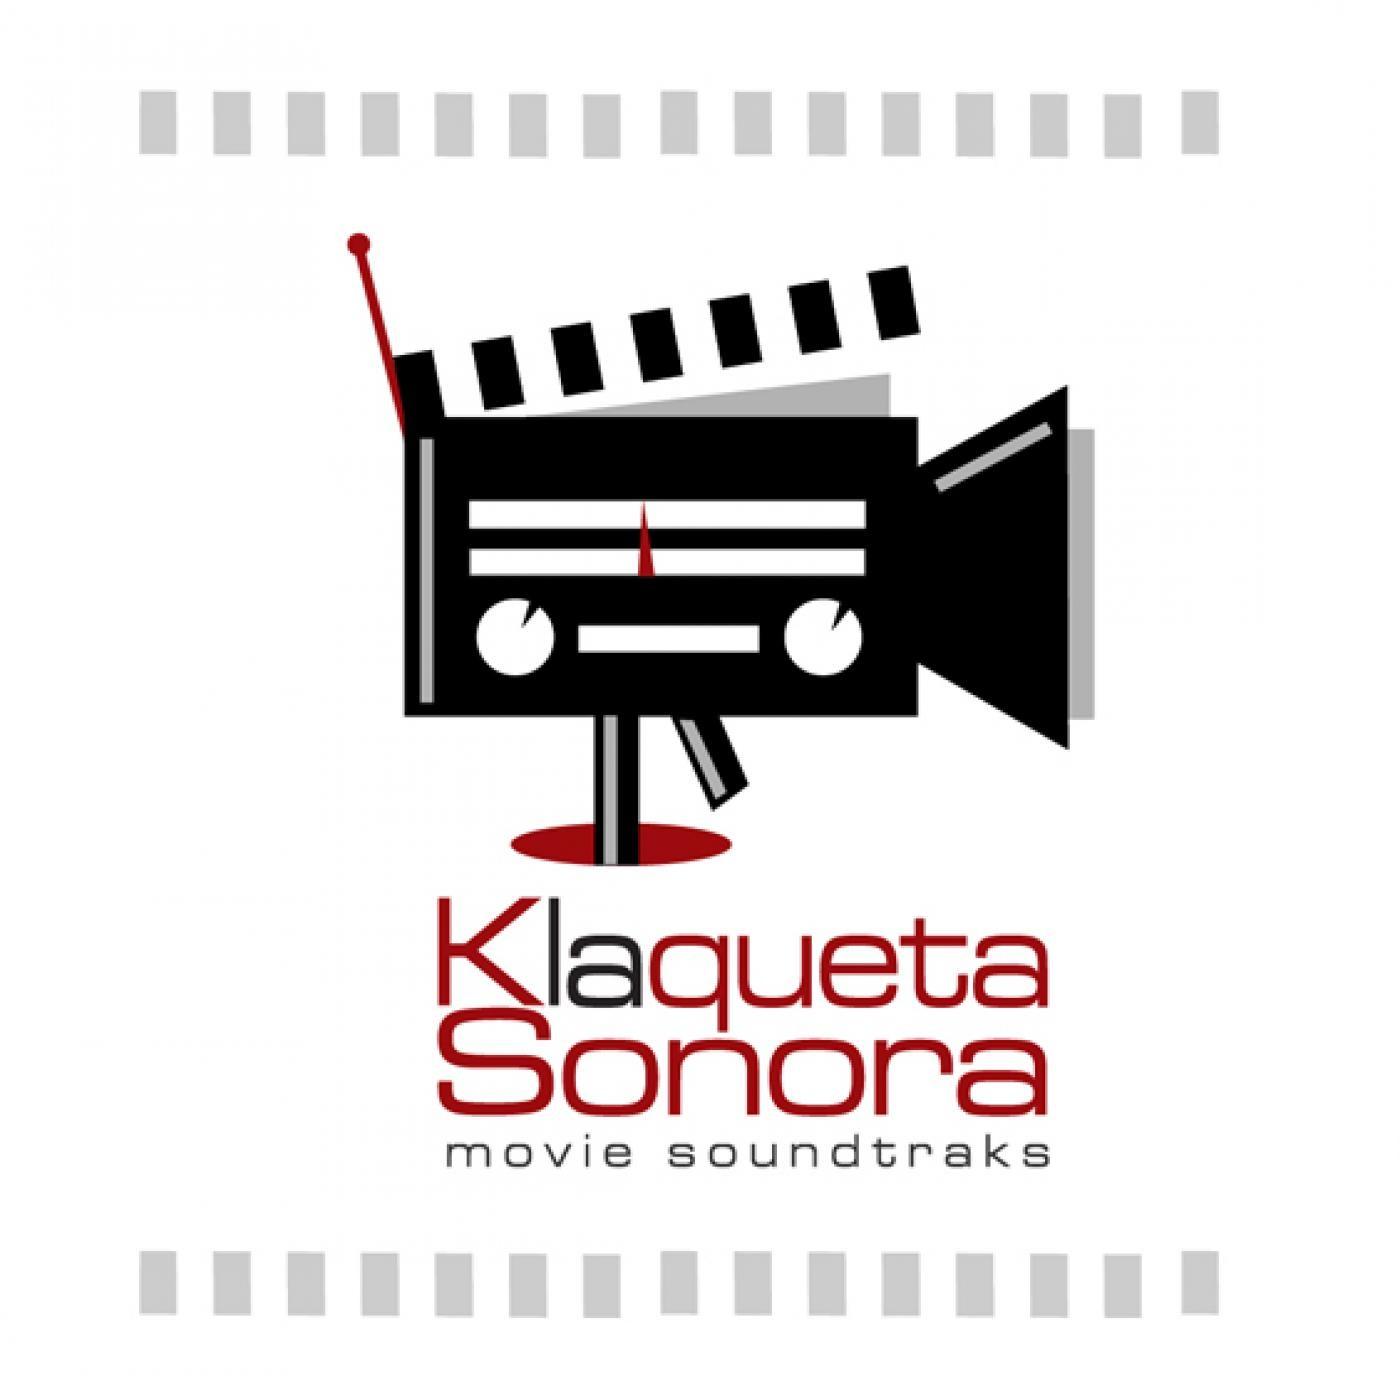 La Klaqueta Sonora